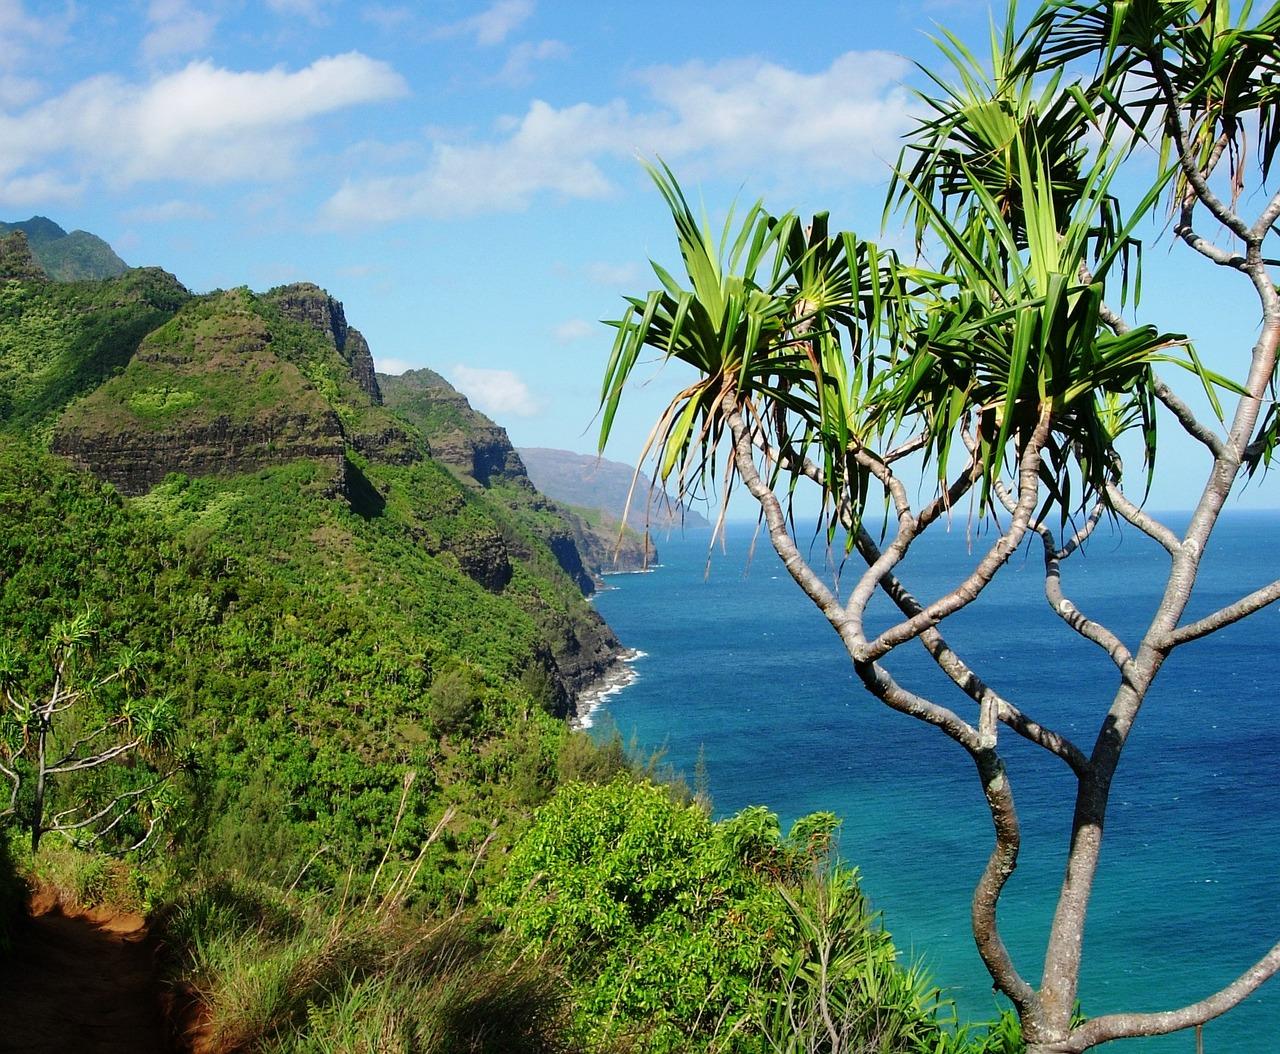 фото копки фото тропиков островов еще отказалась